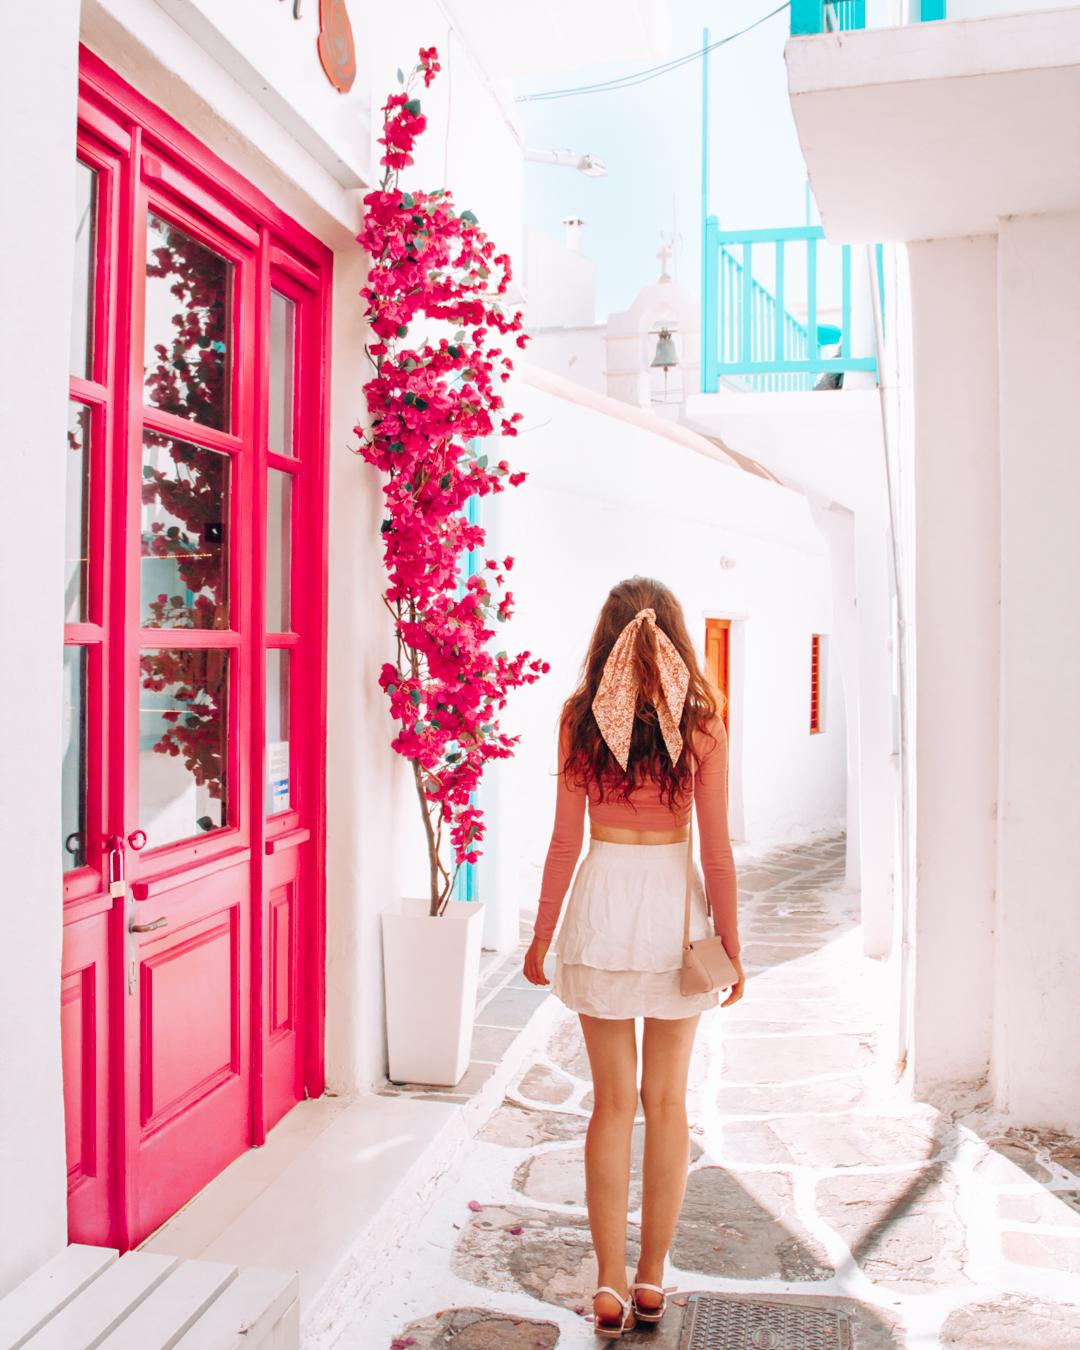 Pink door, flowers, and a street in Mykonos